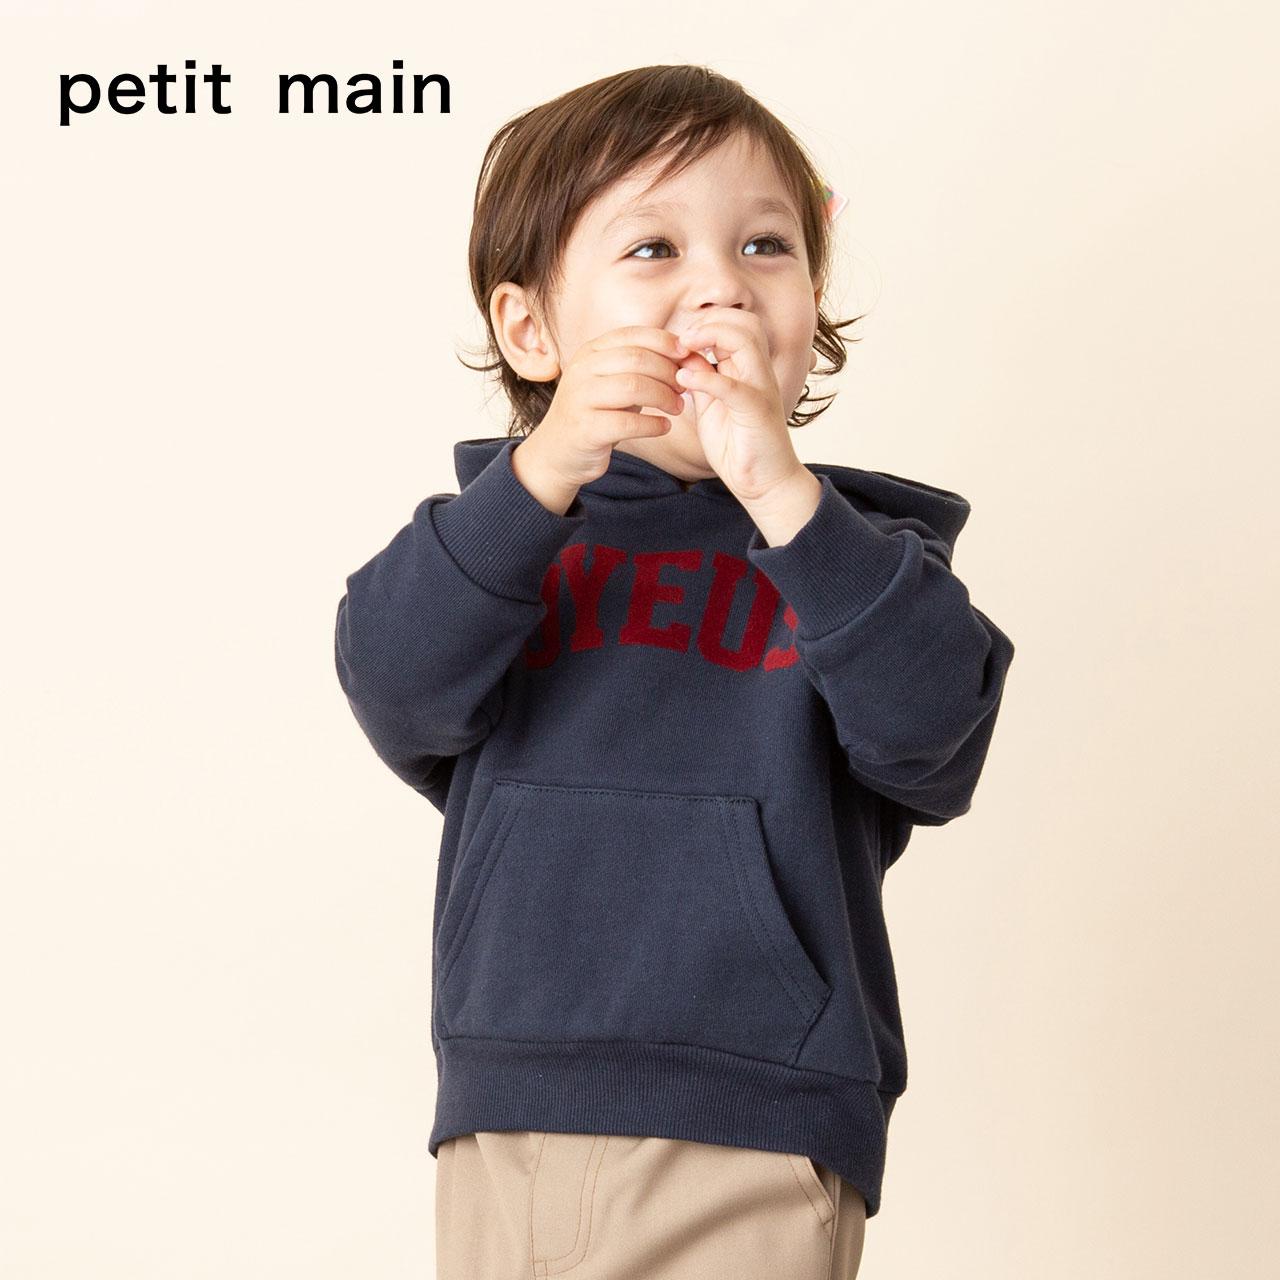 petitmain童装男童长袖卫衣秋季新款2018连帽休闲运动风儿童卫衣